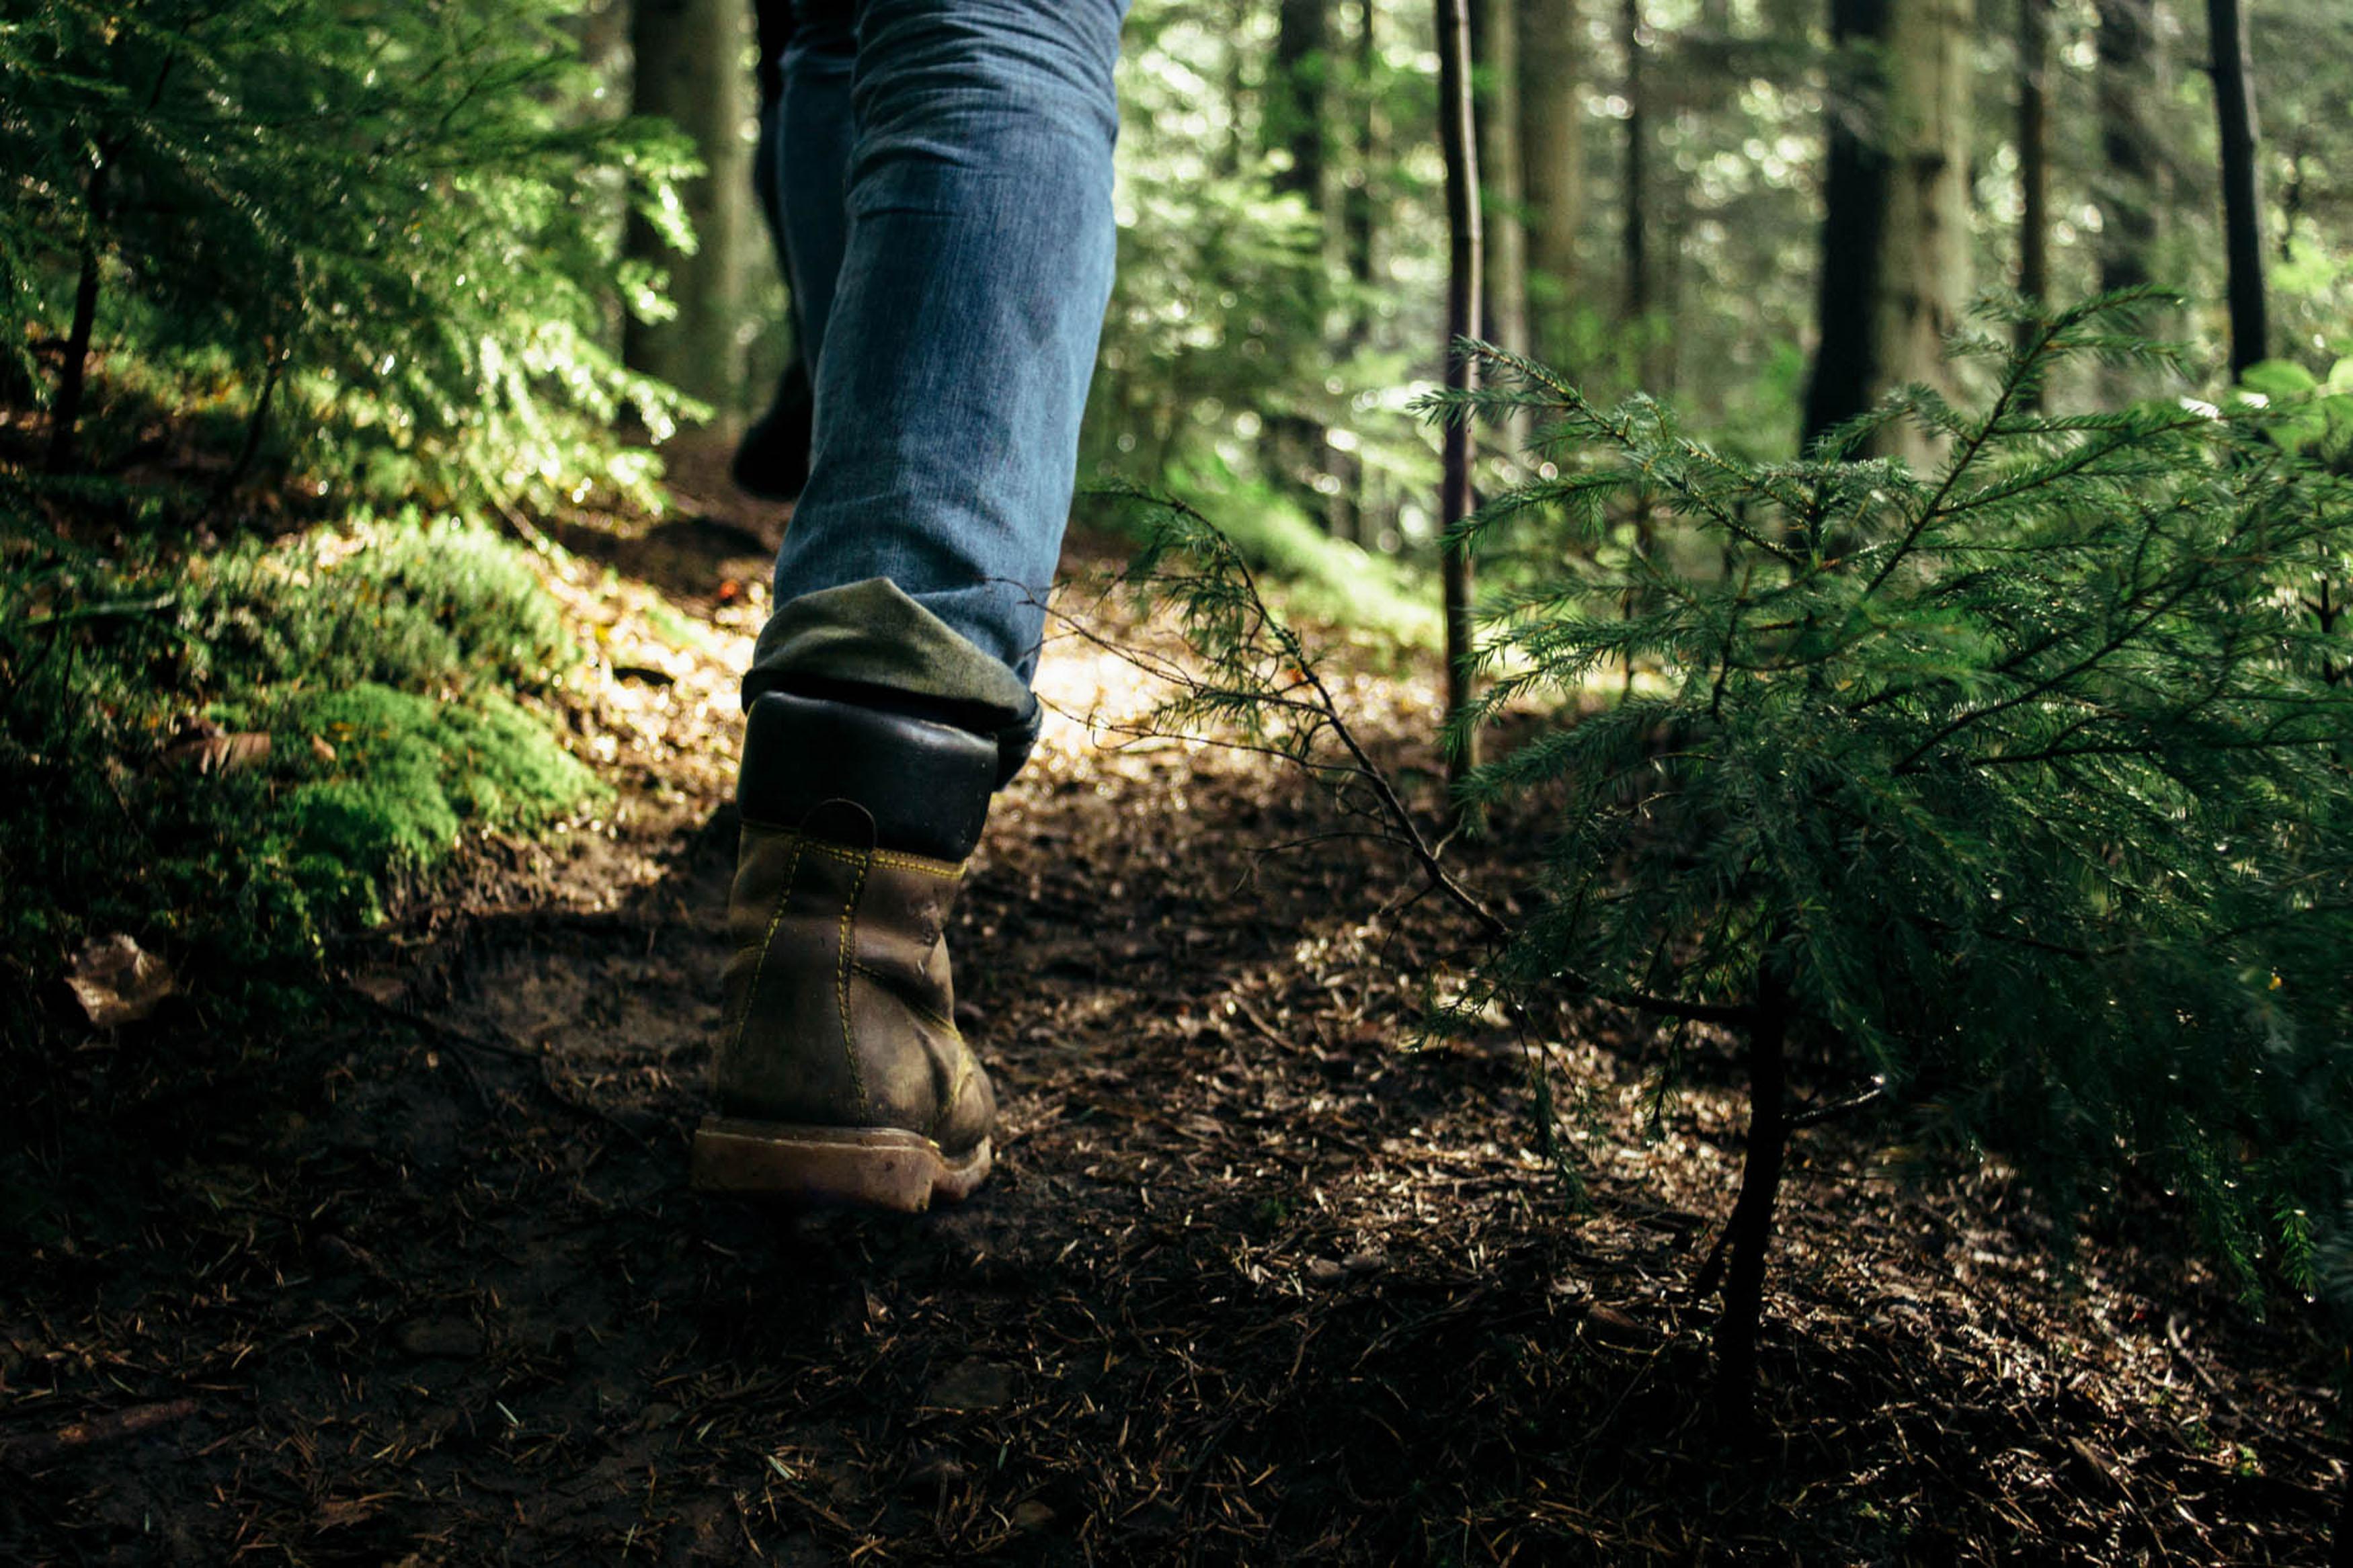 N'ignorez surtout pas ce guide de survie en forêt si vous voulez vous en sortir indemne